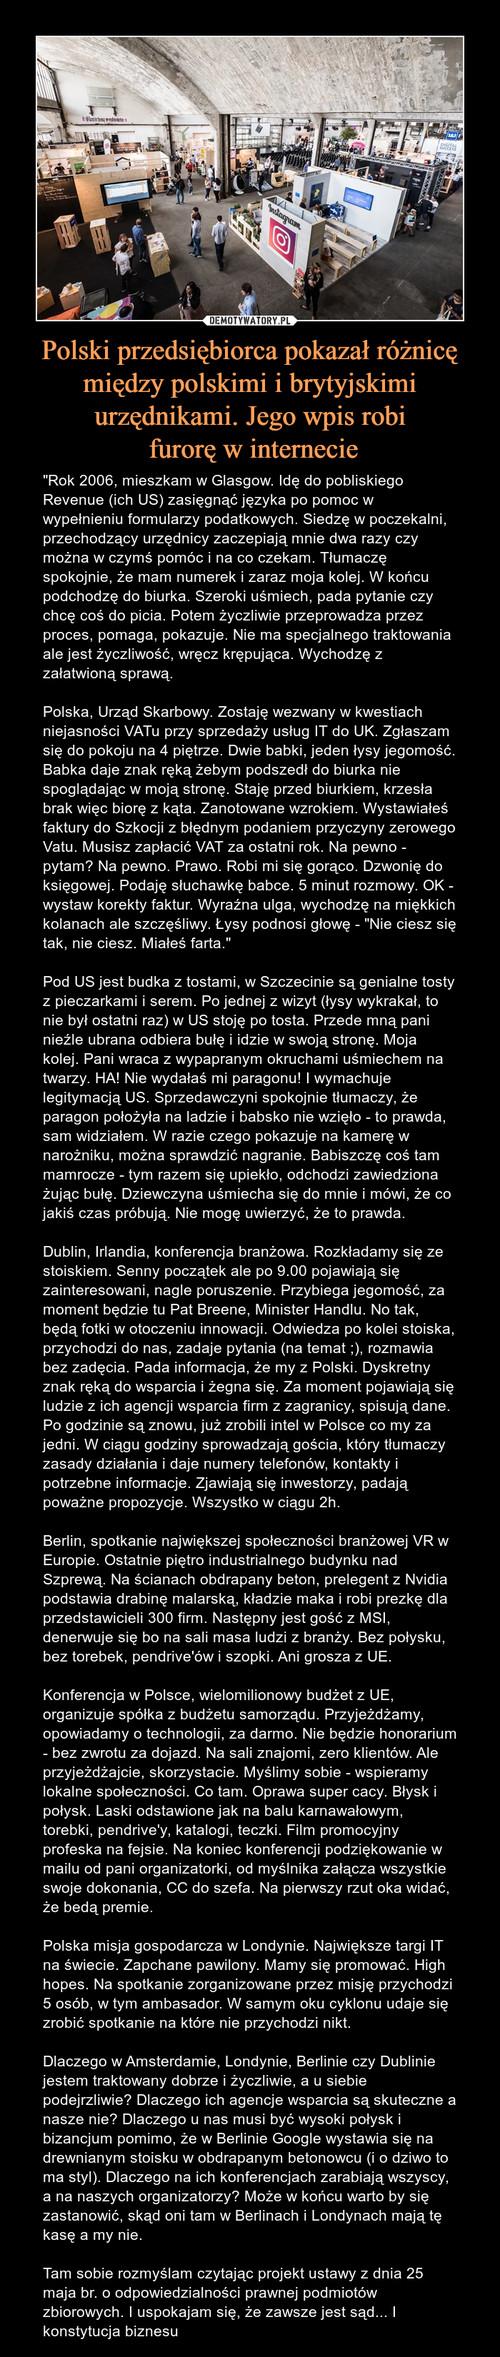 Polski przedsiębiorca pokazał różnicę między polskimi i brytyjskimi urzędnikami. Jego wpis robi  furorę w internecie